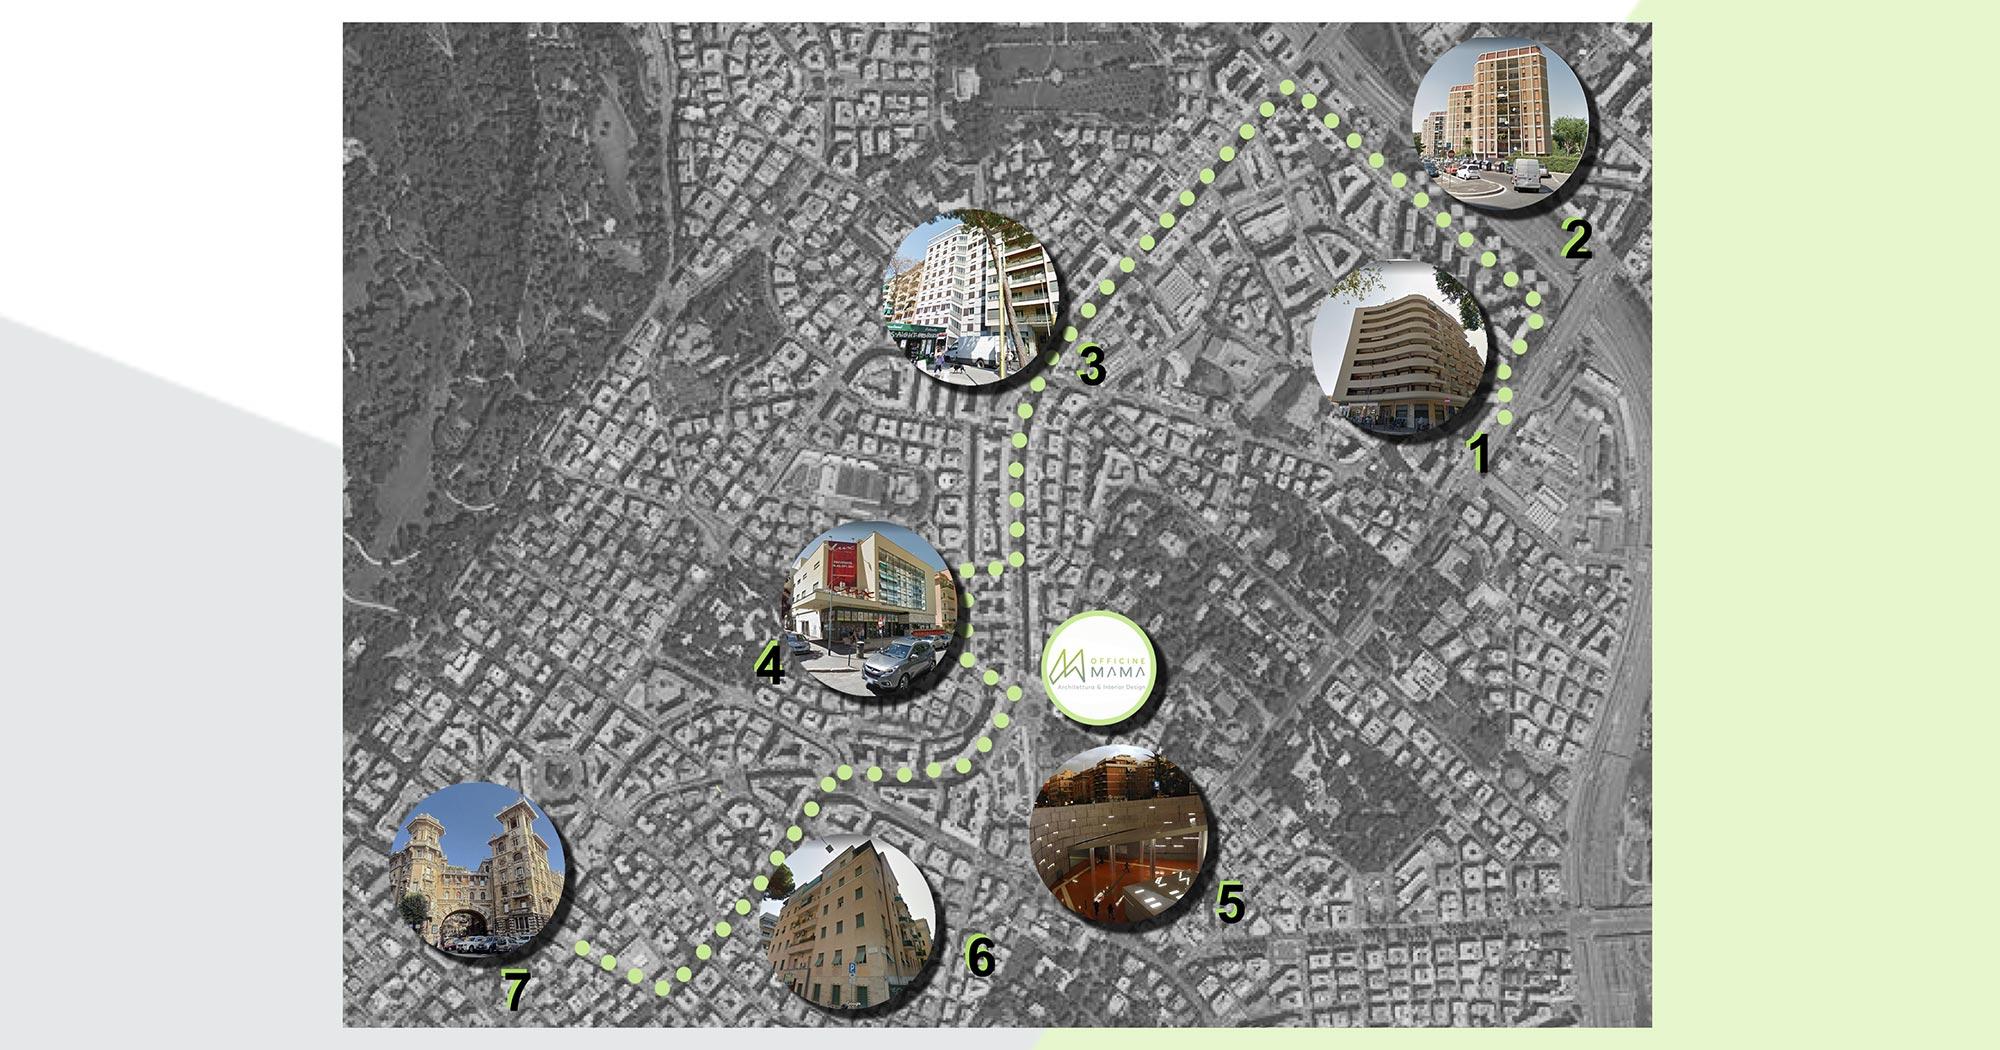 mappa del quartiere Trieste e Roma